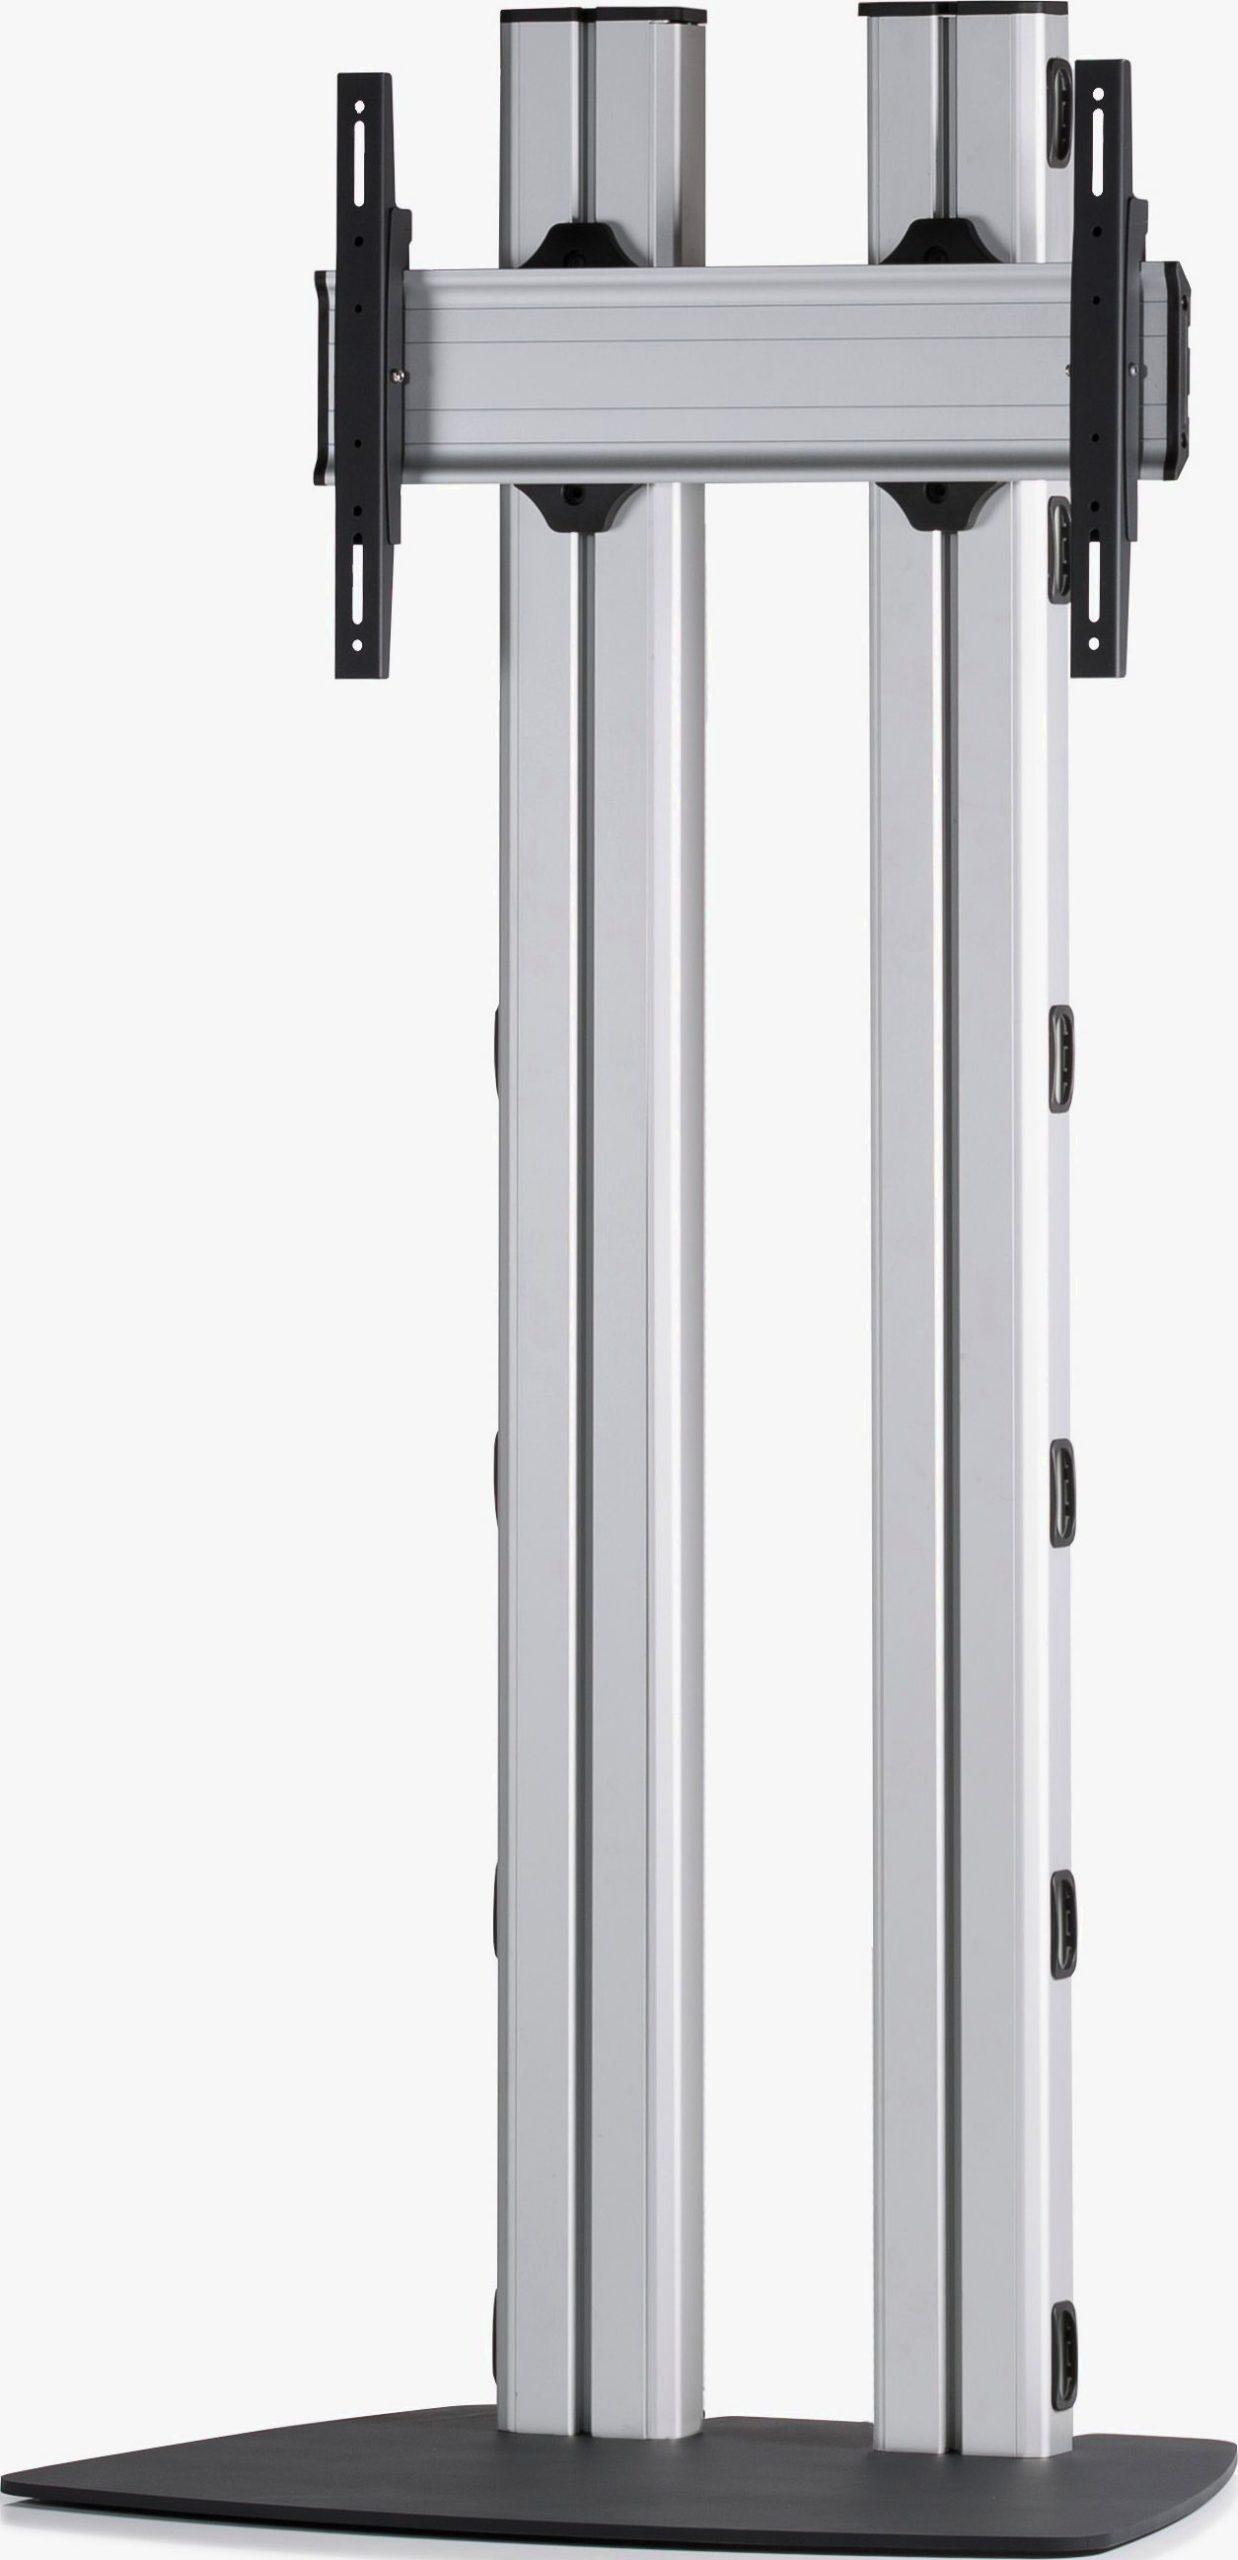 1 Display 1×1, für große Bildschirme, Höhe 180 cm, Standard-VESA, mit Standfuß